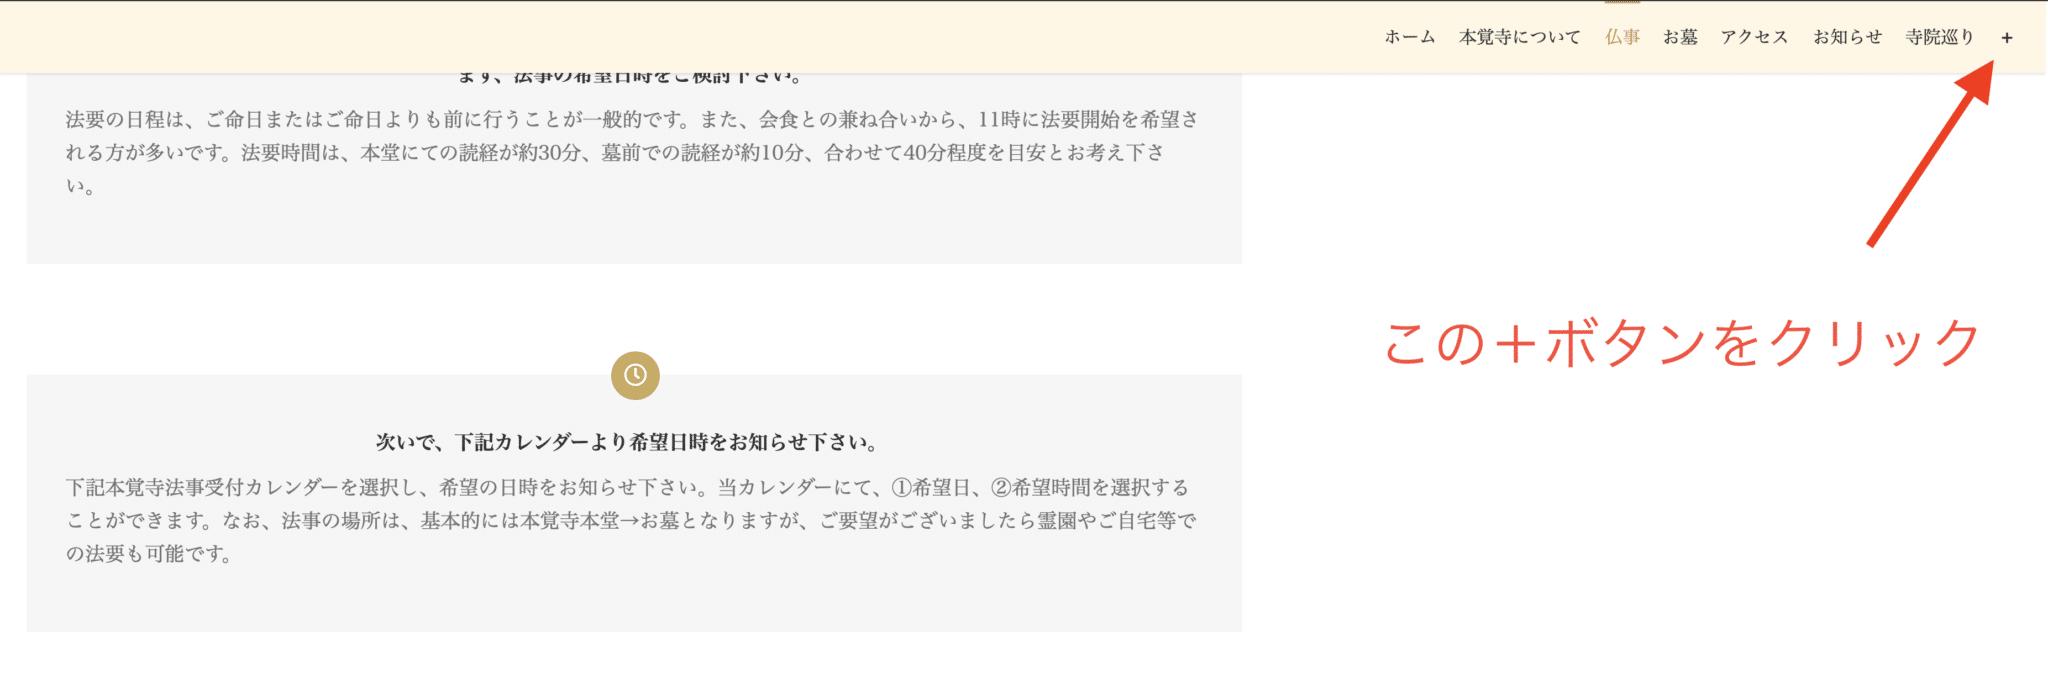 本覚寺法事予約カレンダー